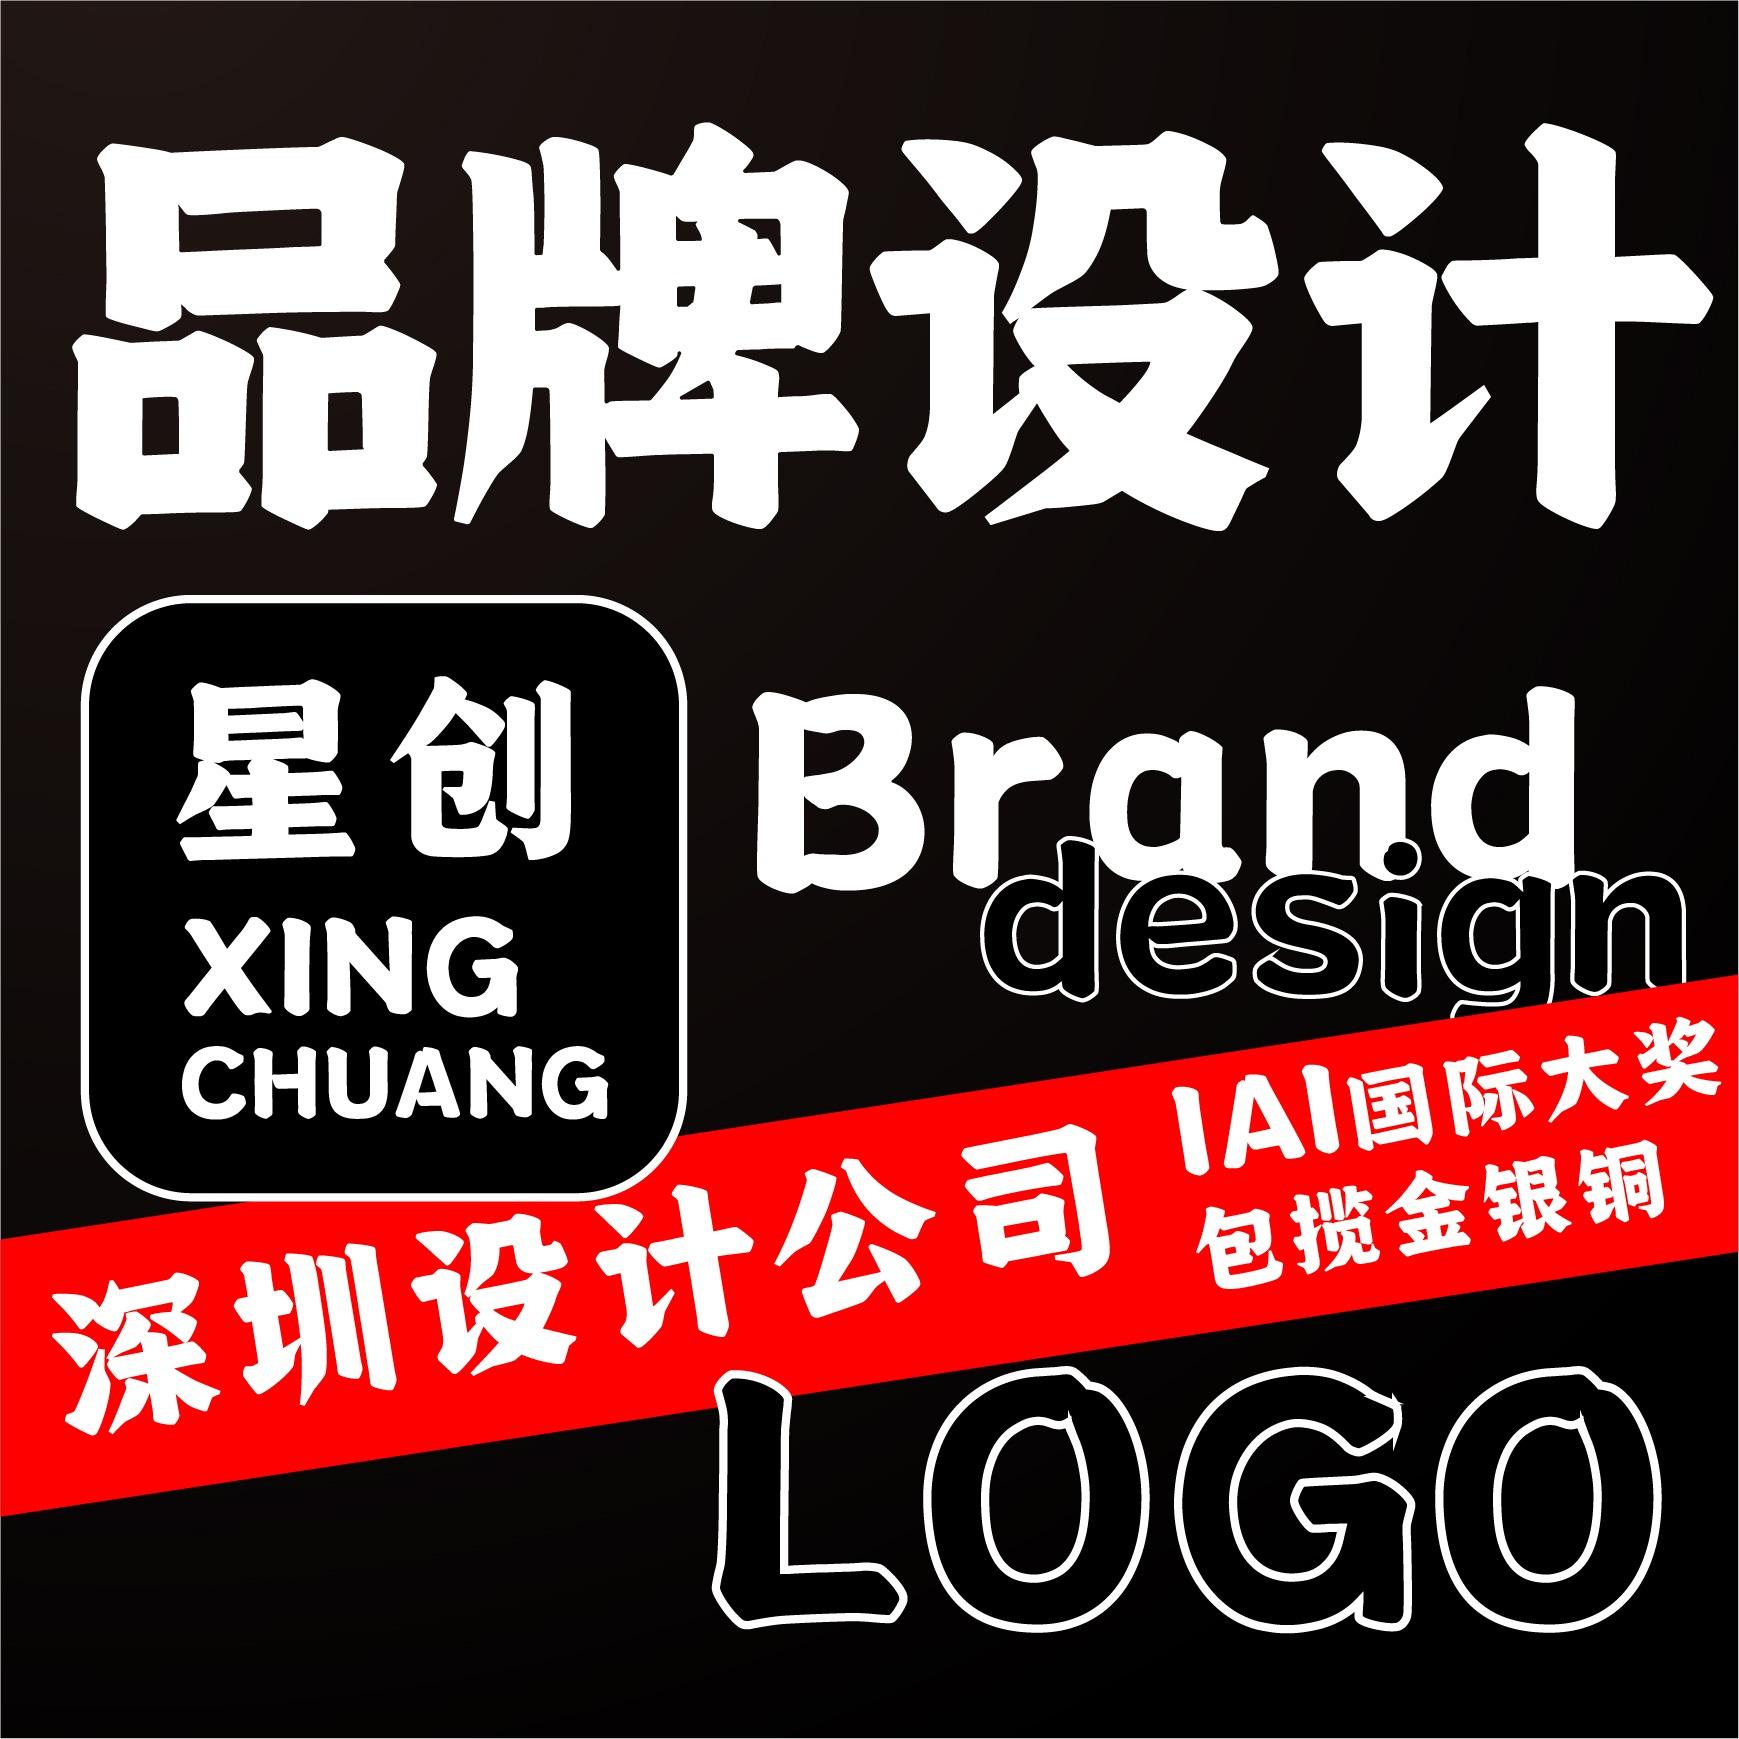 深圳 LOGO 设计企业集团餐饮酒店标志设计可注册商标连锁品牌